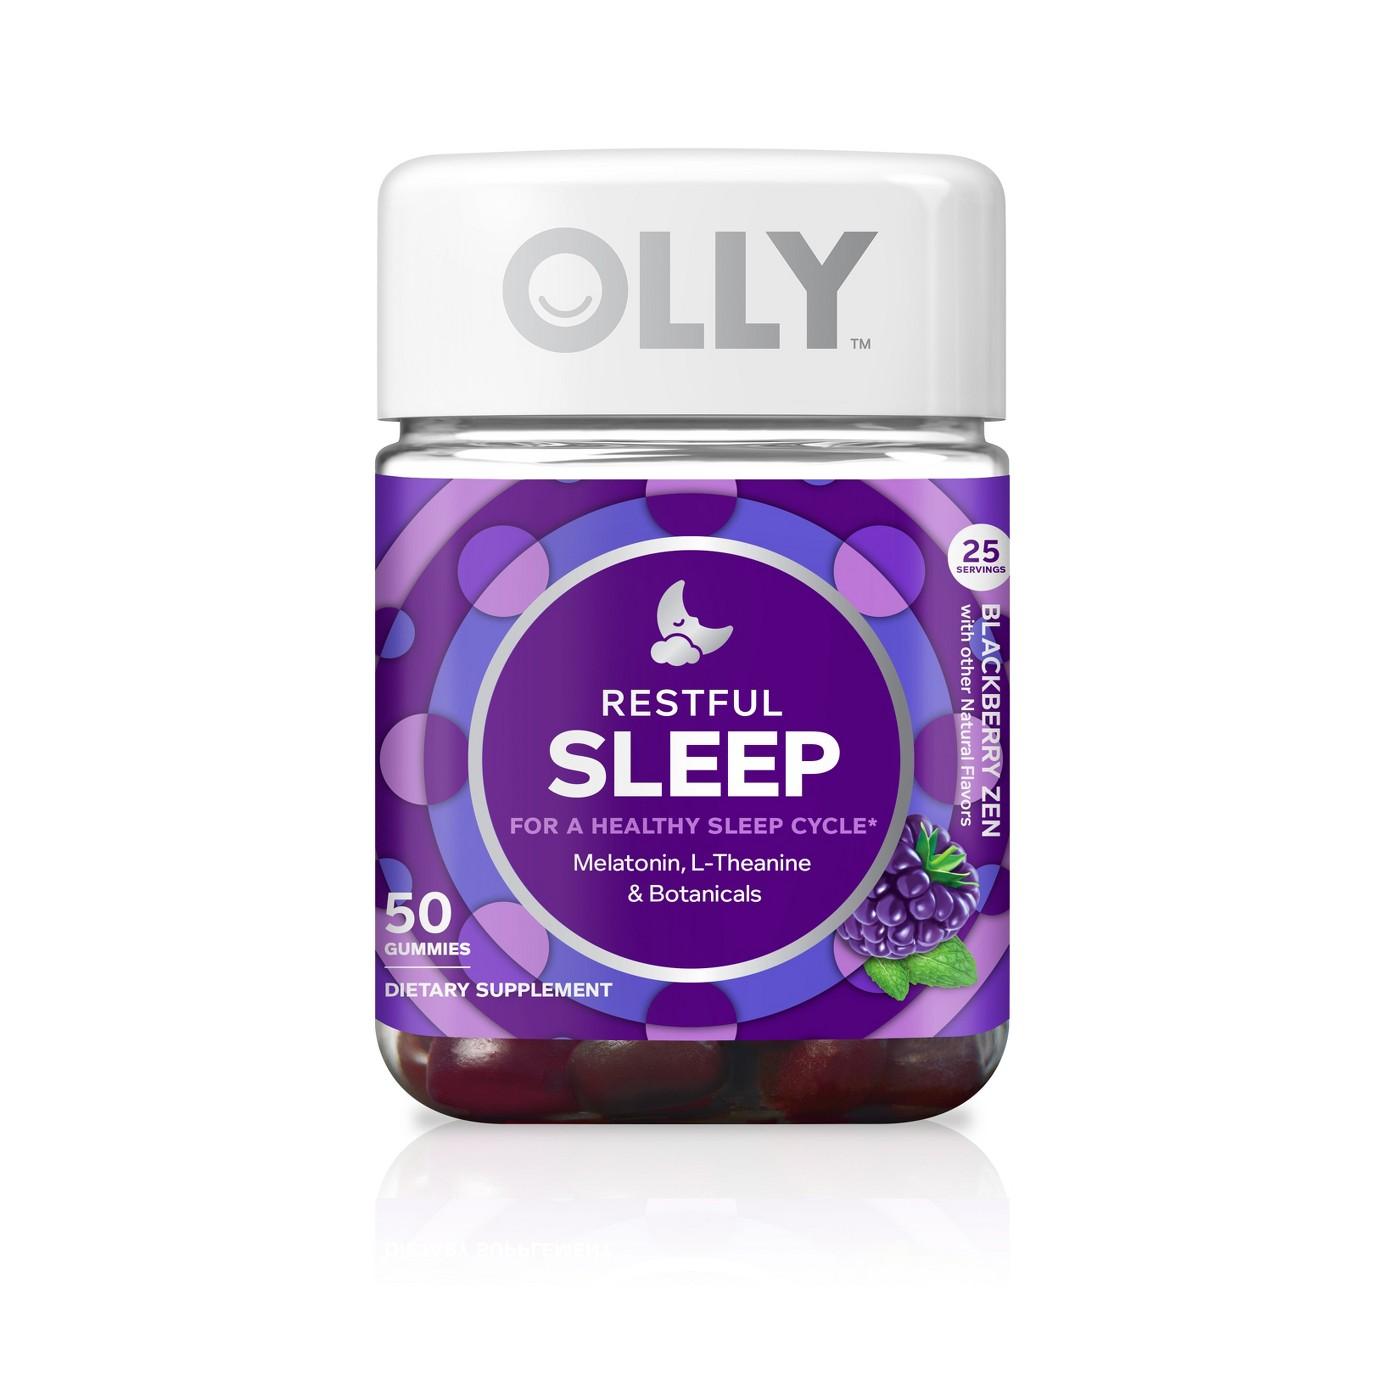 Olly Restful Sleep Zen Vitamin Gummies - Blackberry - 50ct - image 1 of 4